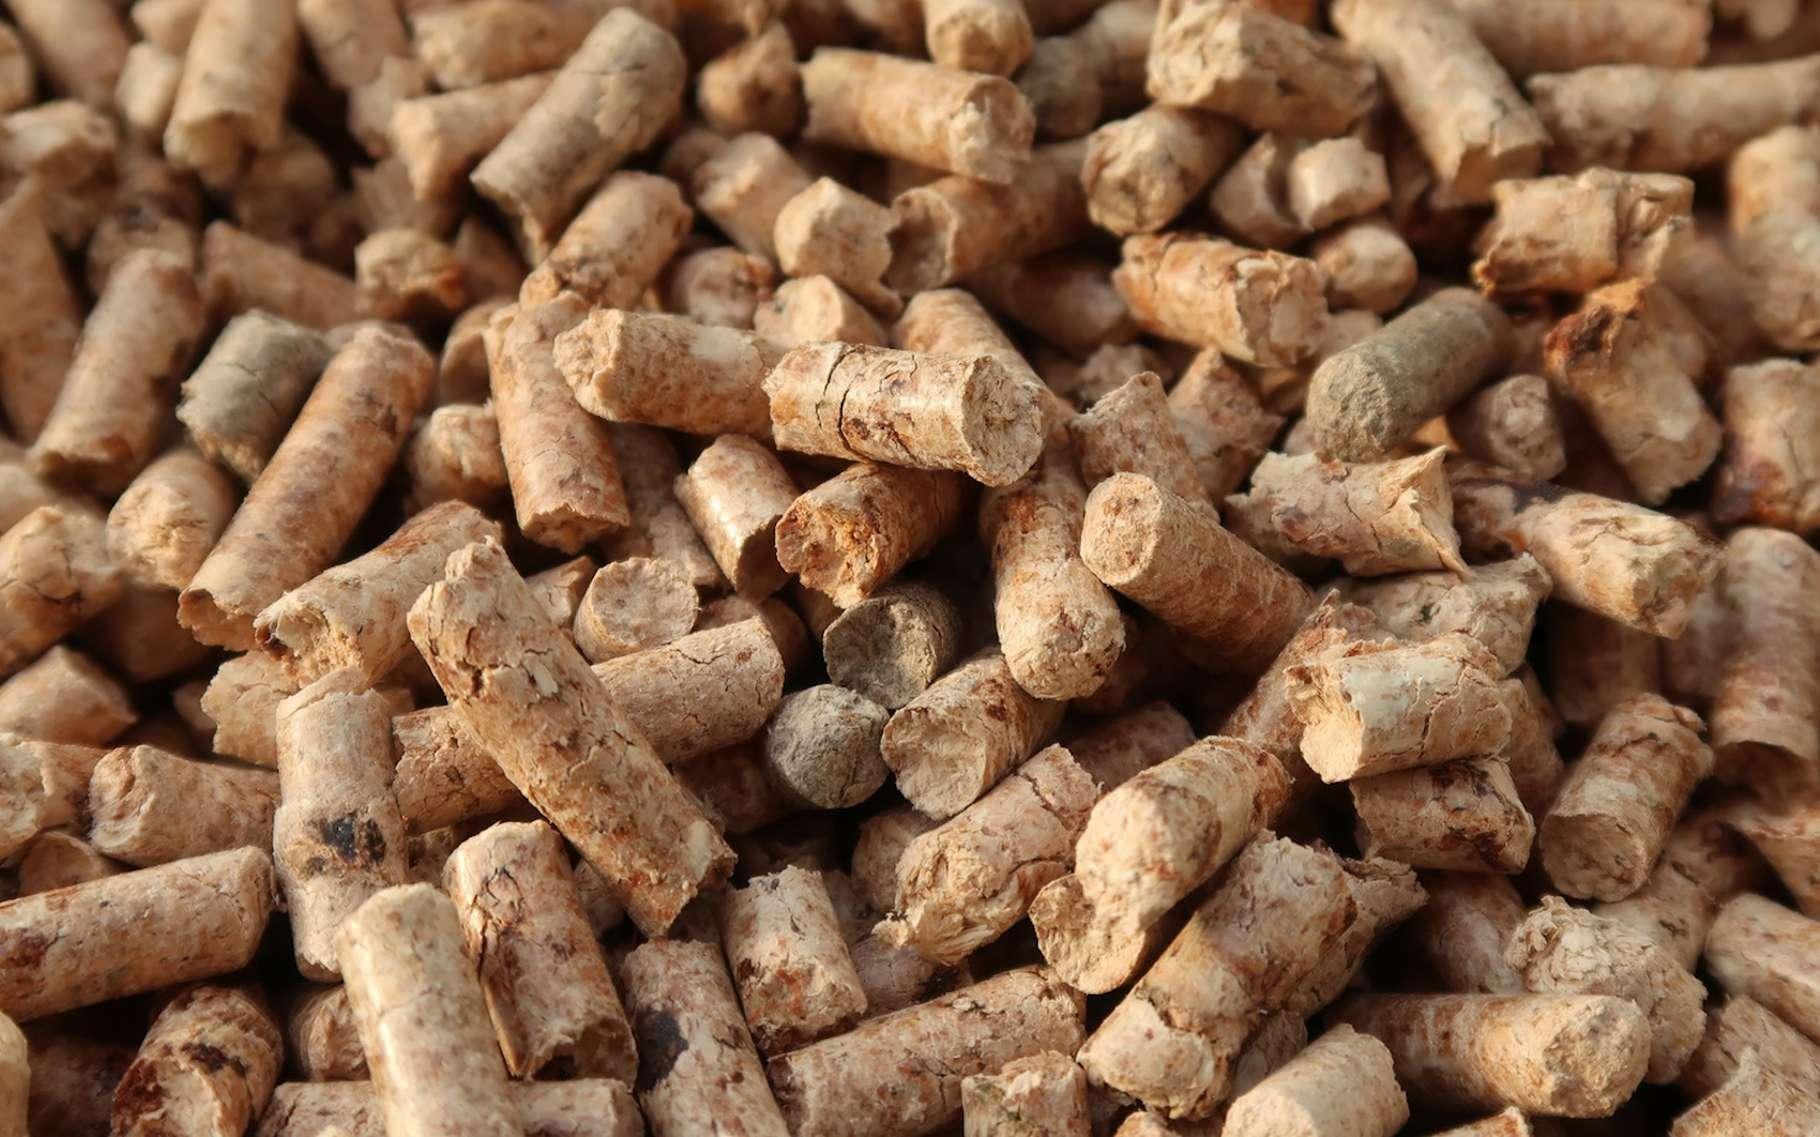 Les granulés de bois sont composés de sous-produits de la transformation du bois. © springtime78, Fotolia